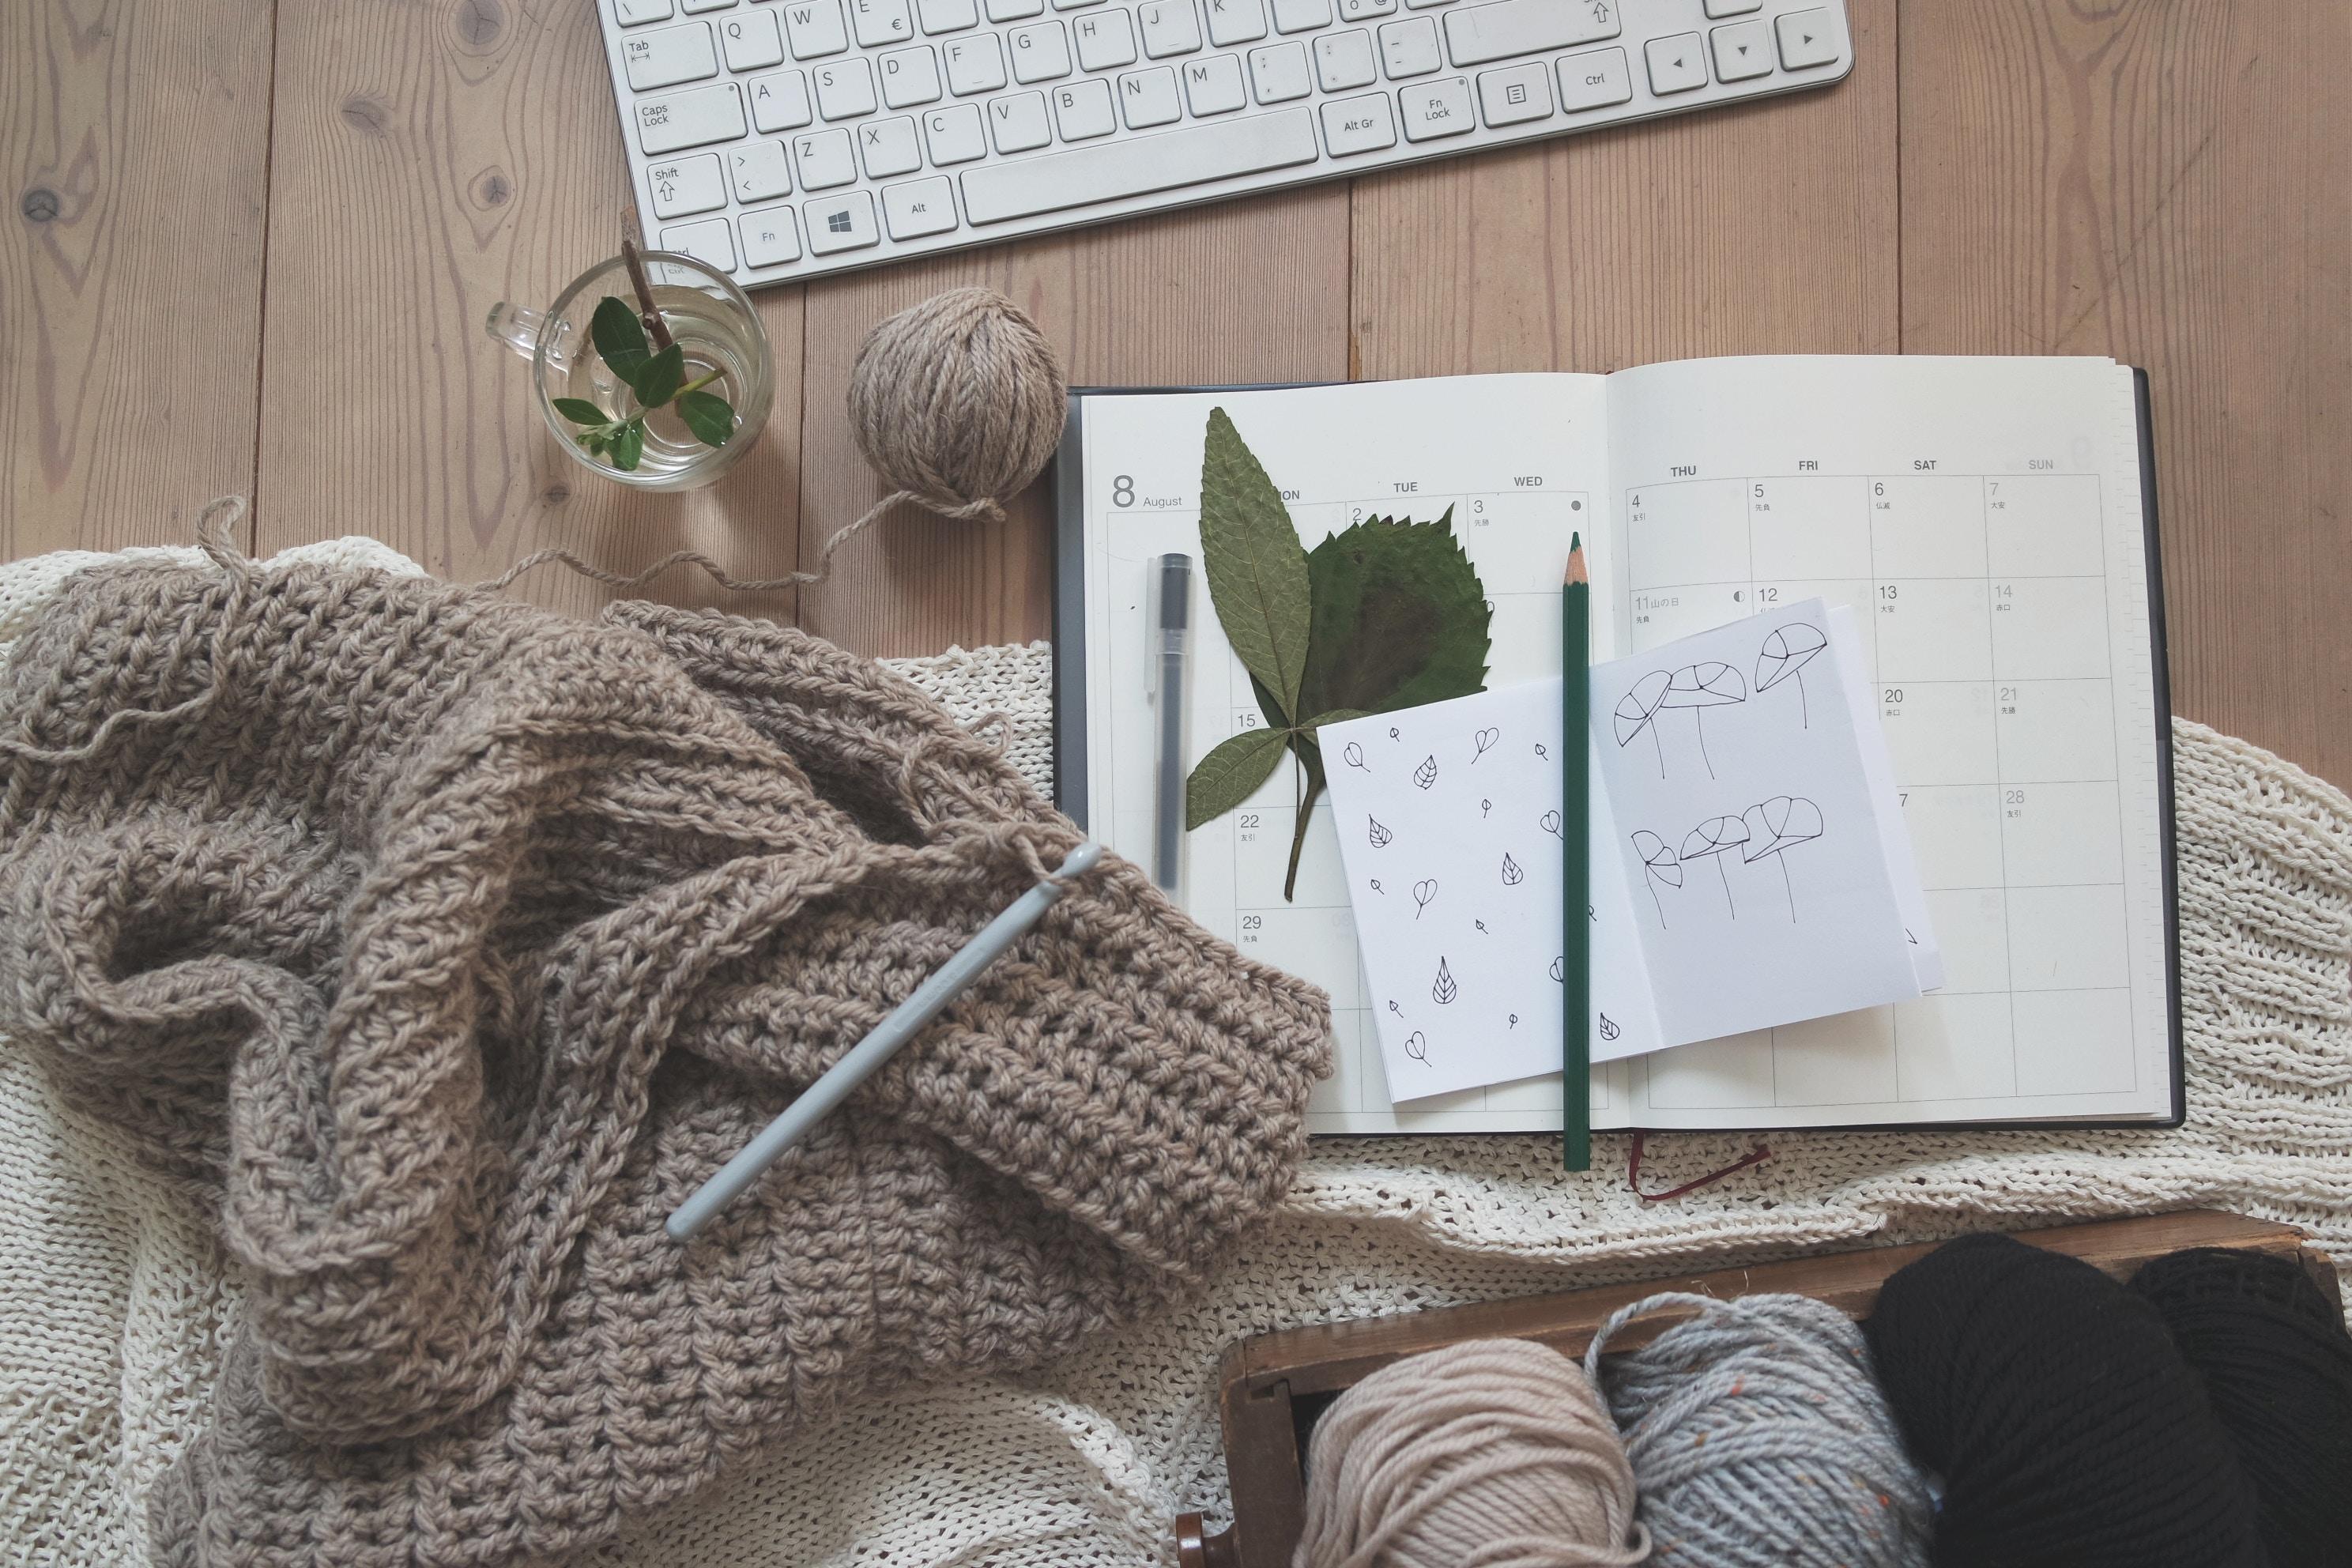 strik, hygge, indenfor, indendørs, kreativ, kalender, strik, afslapning, slappe af, slap af